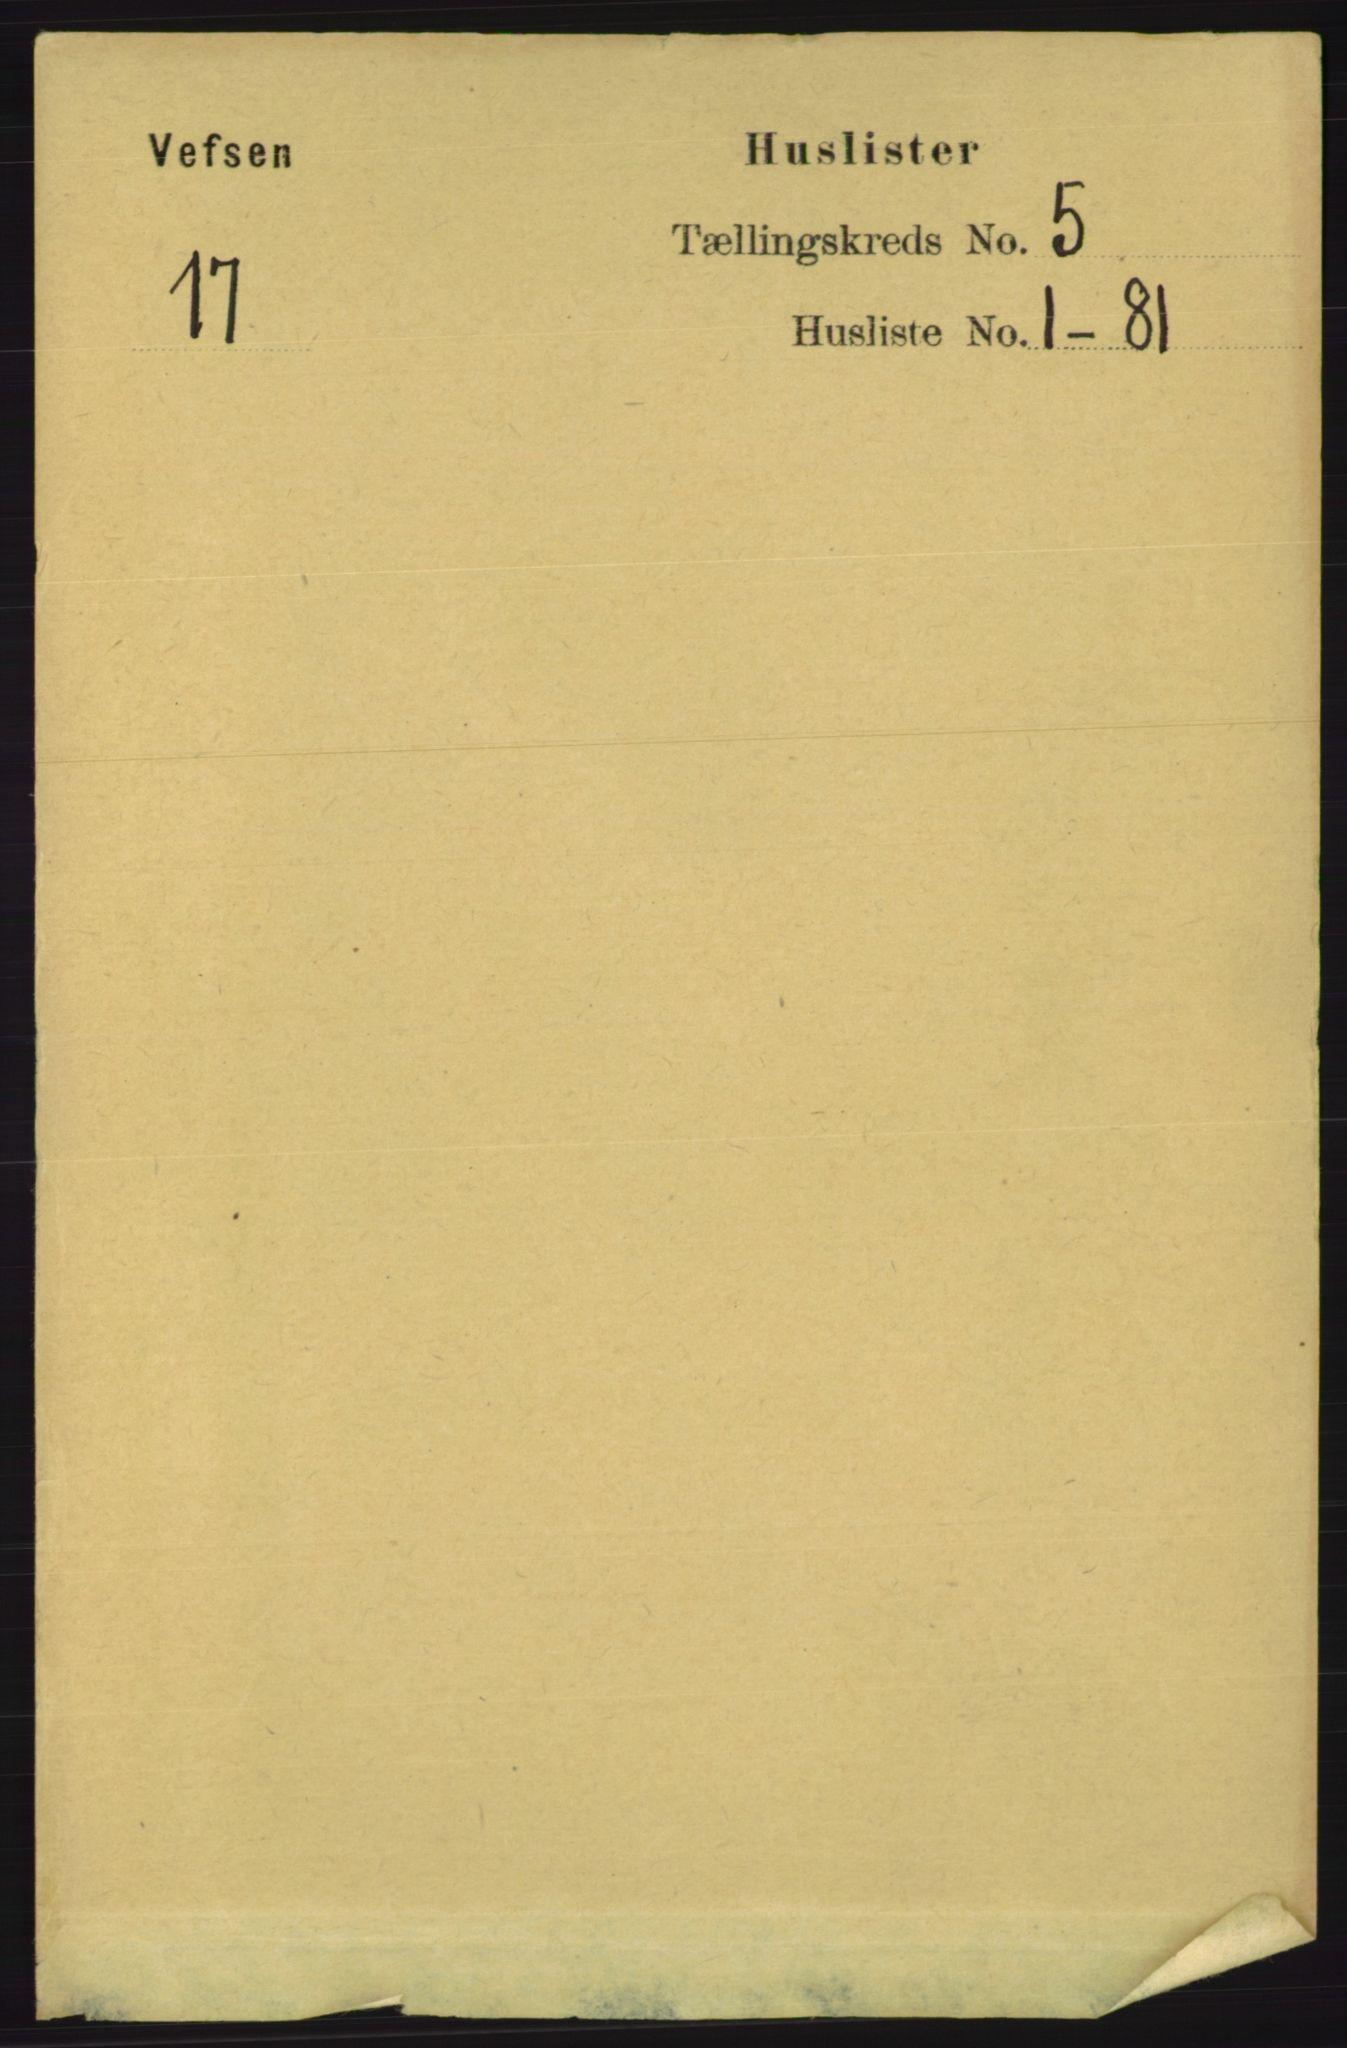 RA, Folketelling 1891 for 1824 Vefsn herred, 1891, s. 2001